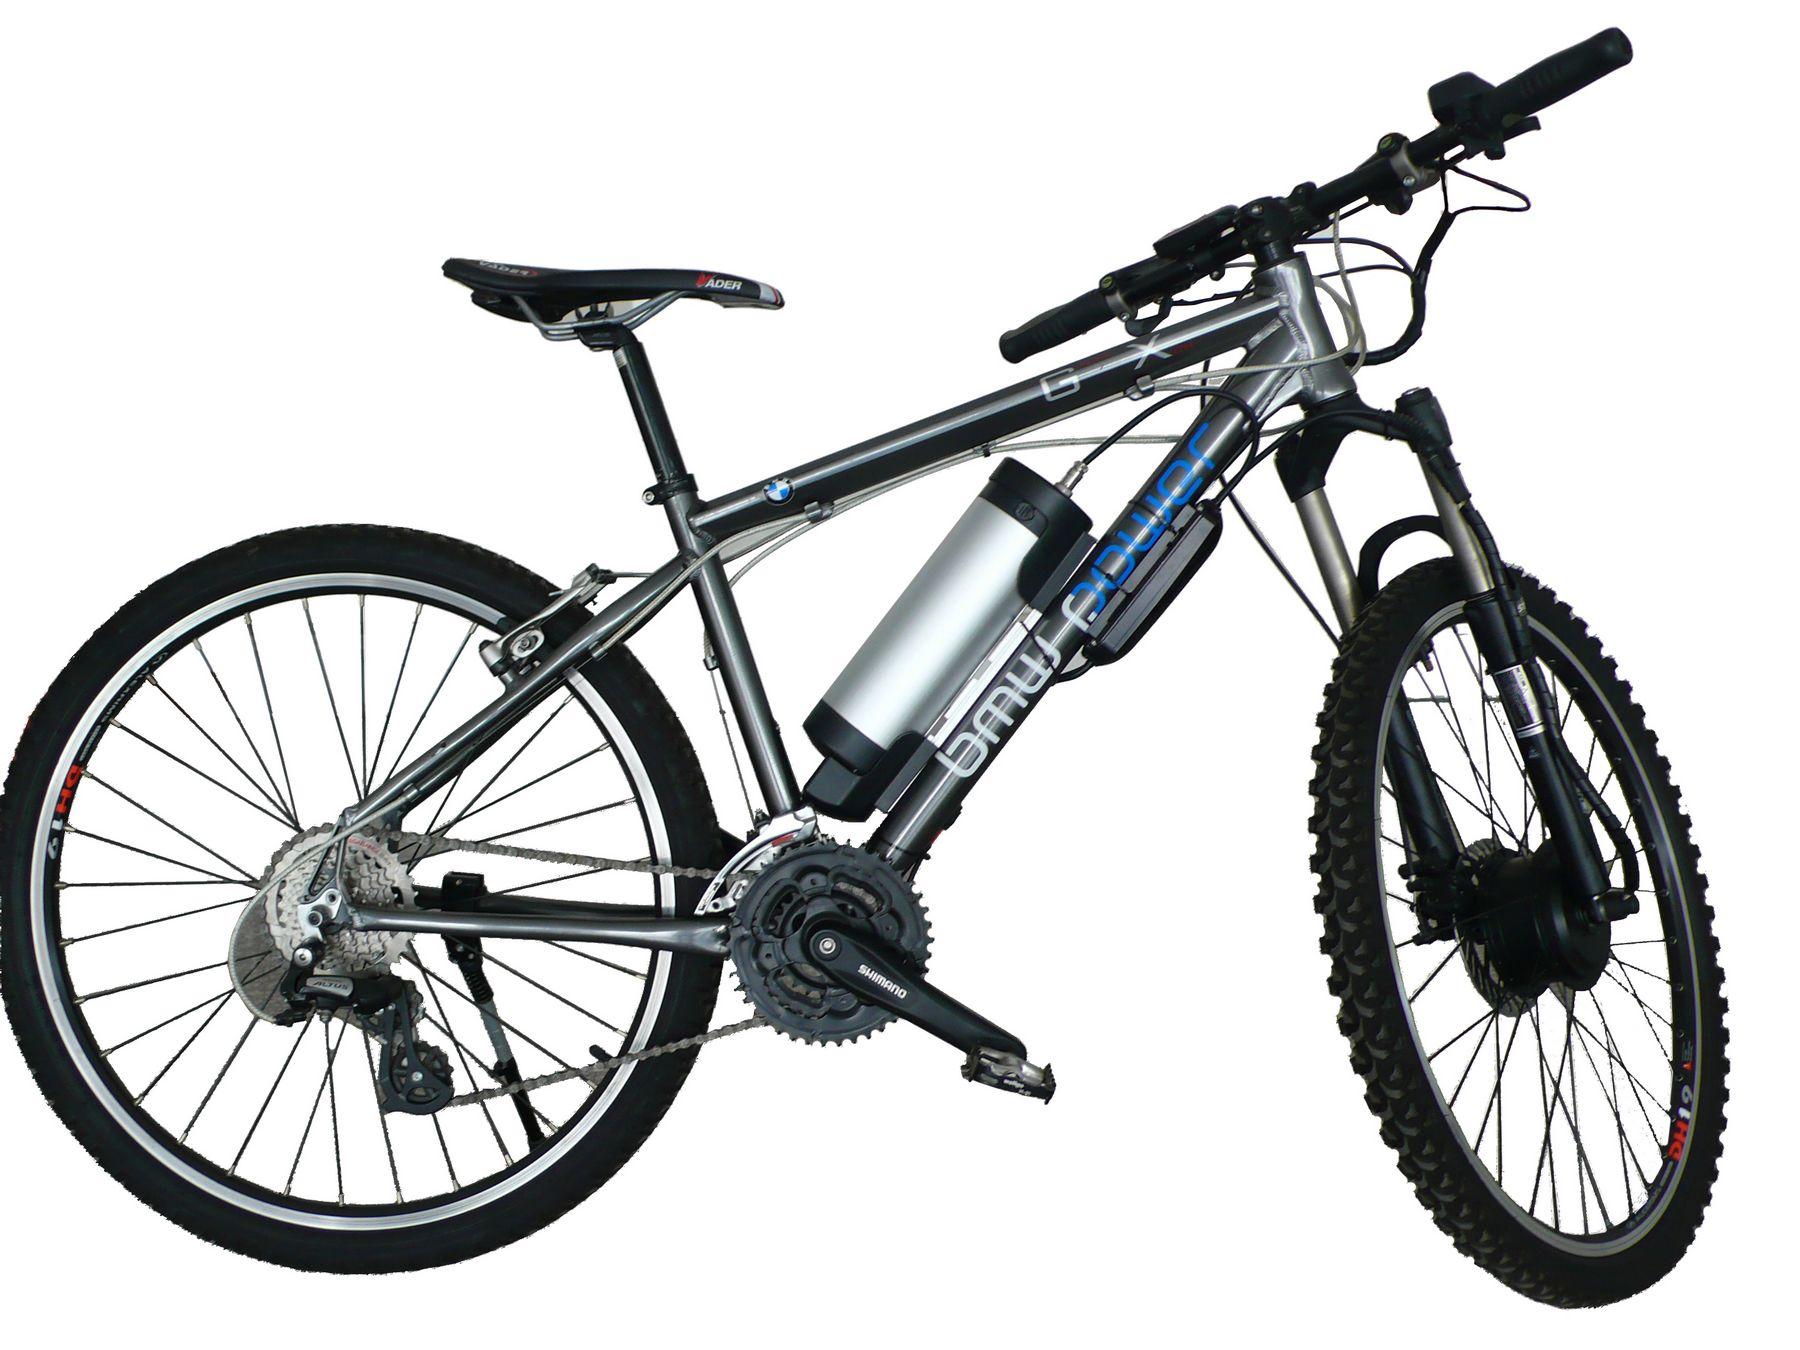 Nt Rear Wheel Electric Bike Kit 250 Watt Hub Motor